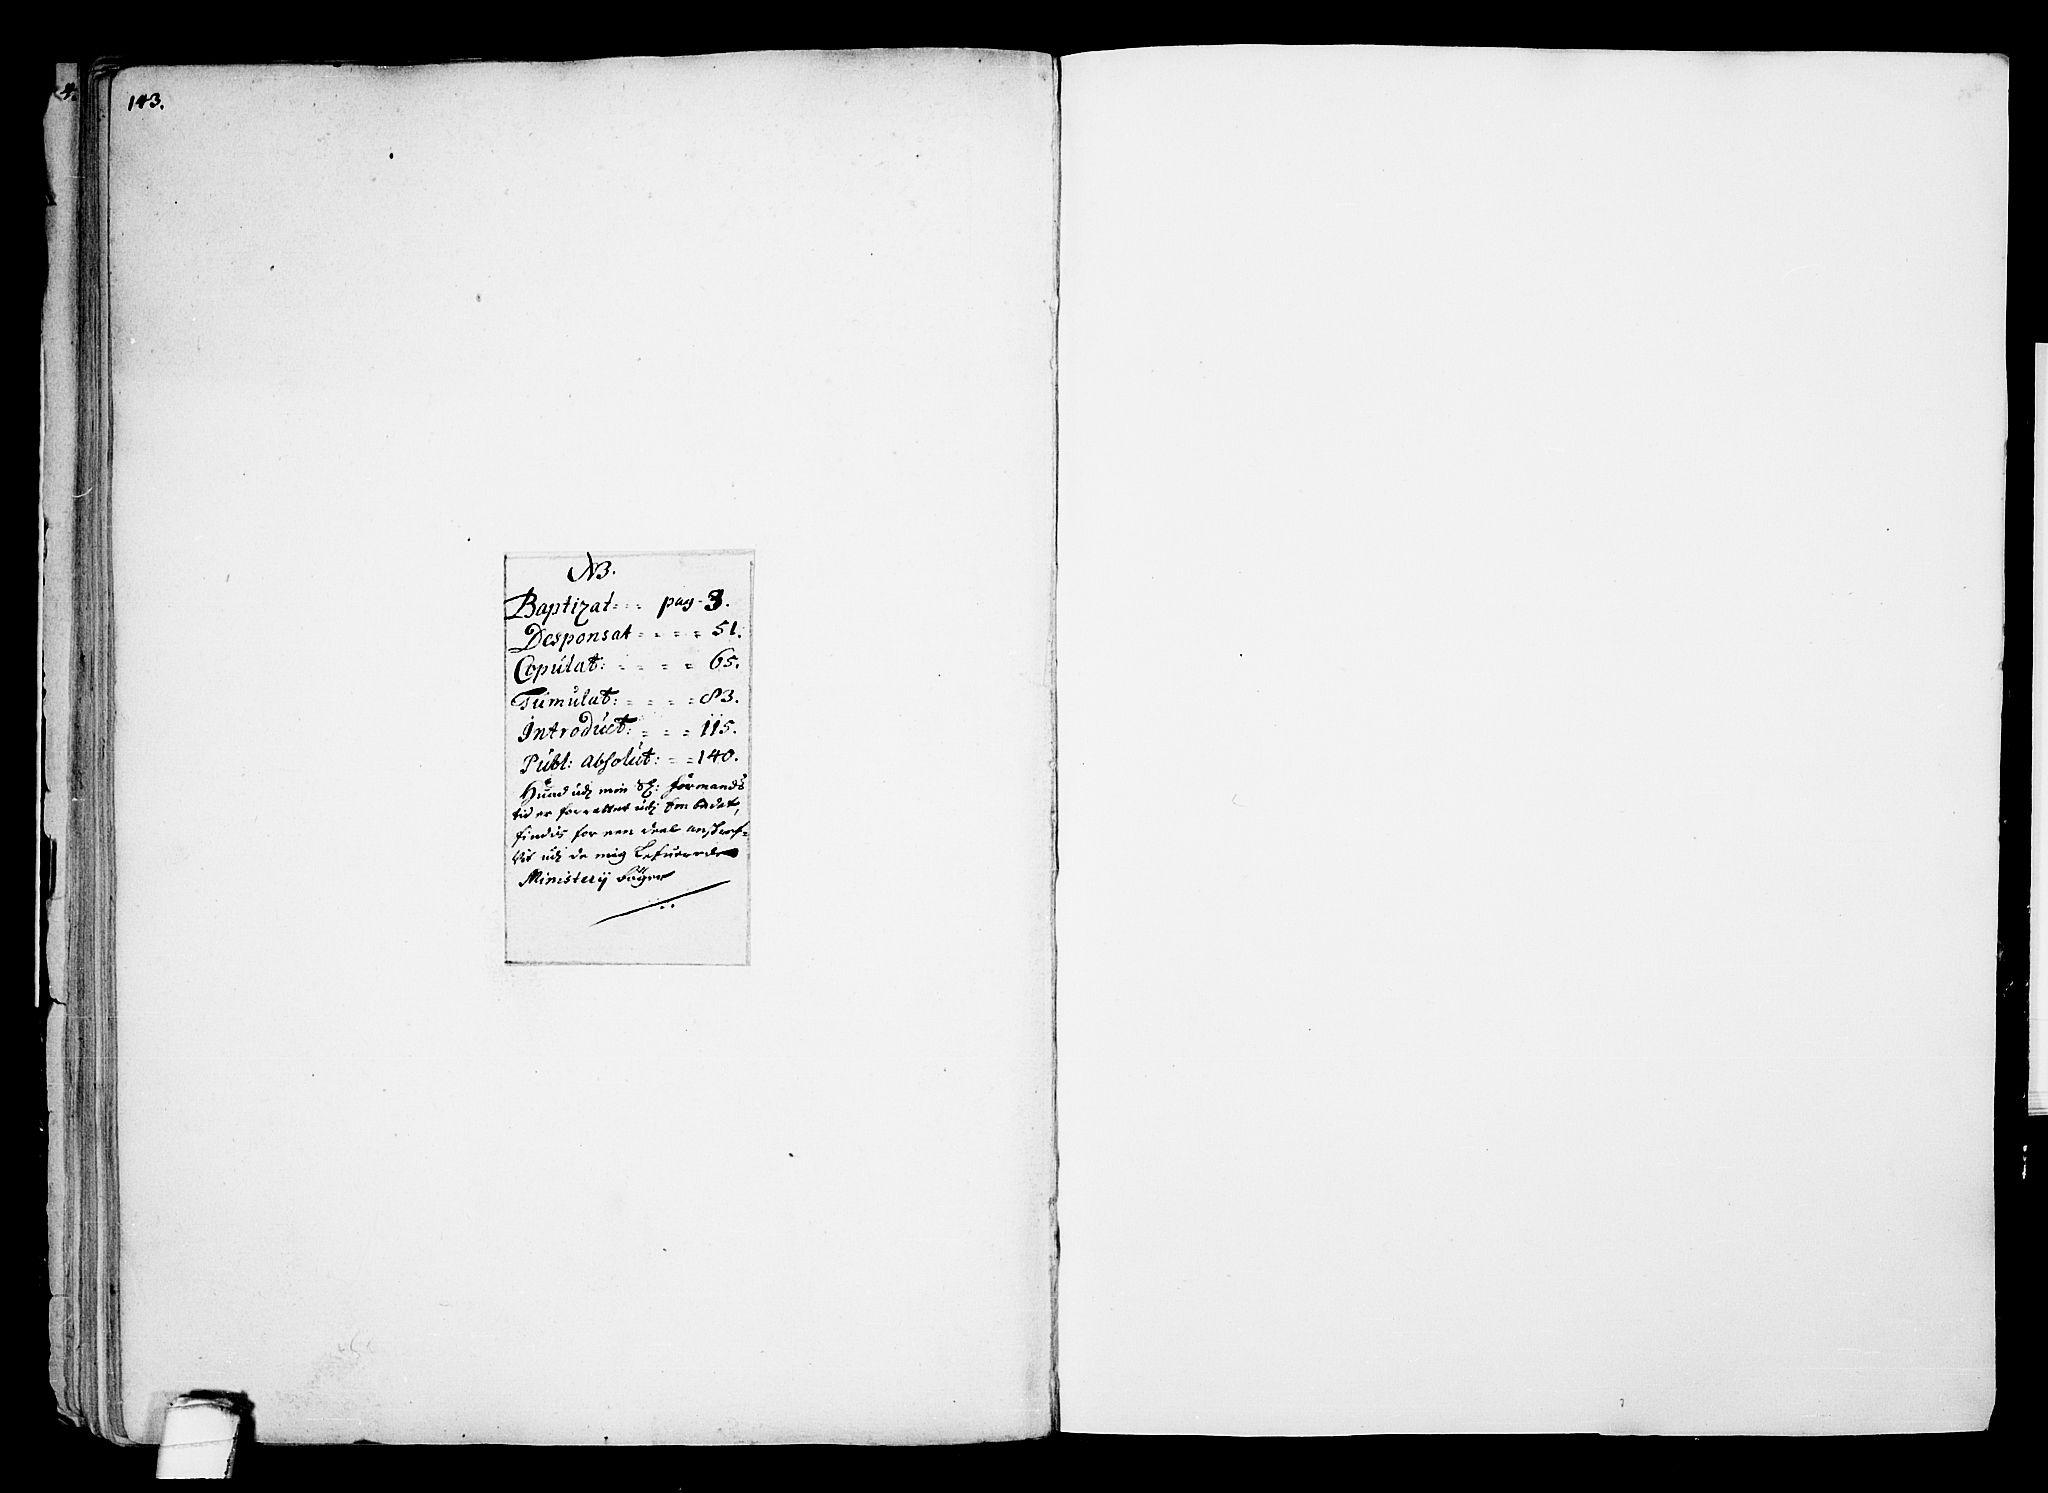 SAKO, Eidanger kirkebøker, F/Fa/L0002: Ministerialbok nr. 2, 1712-1720, s. 143-144